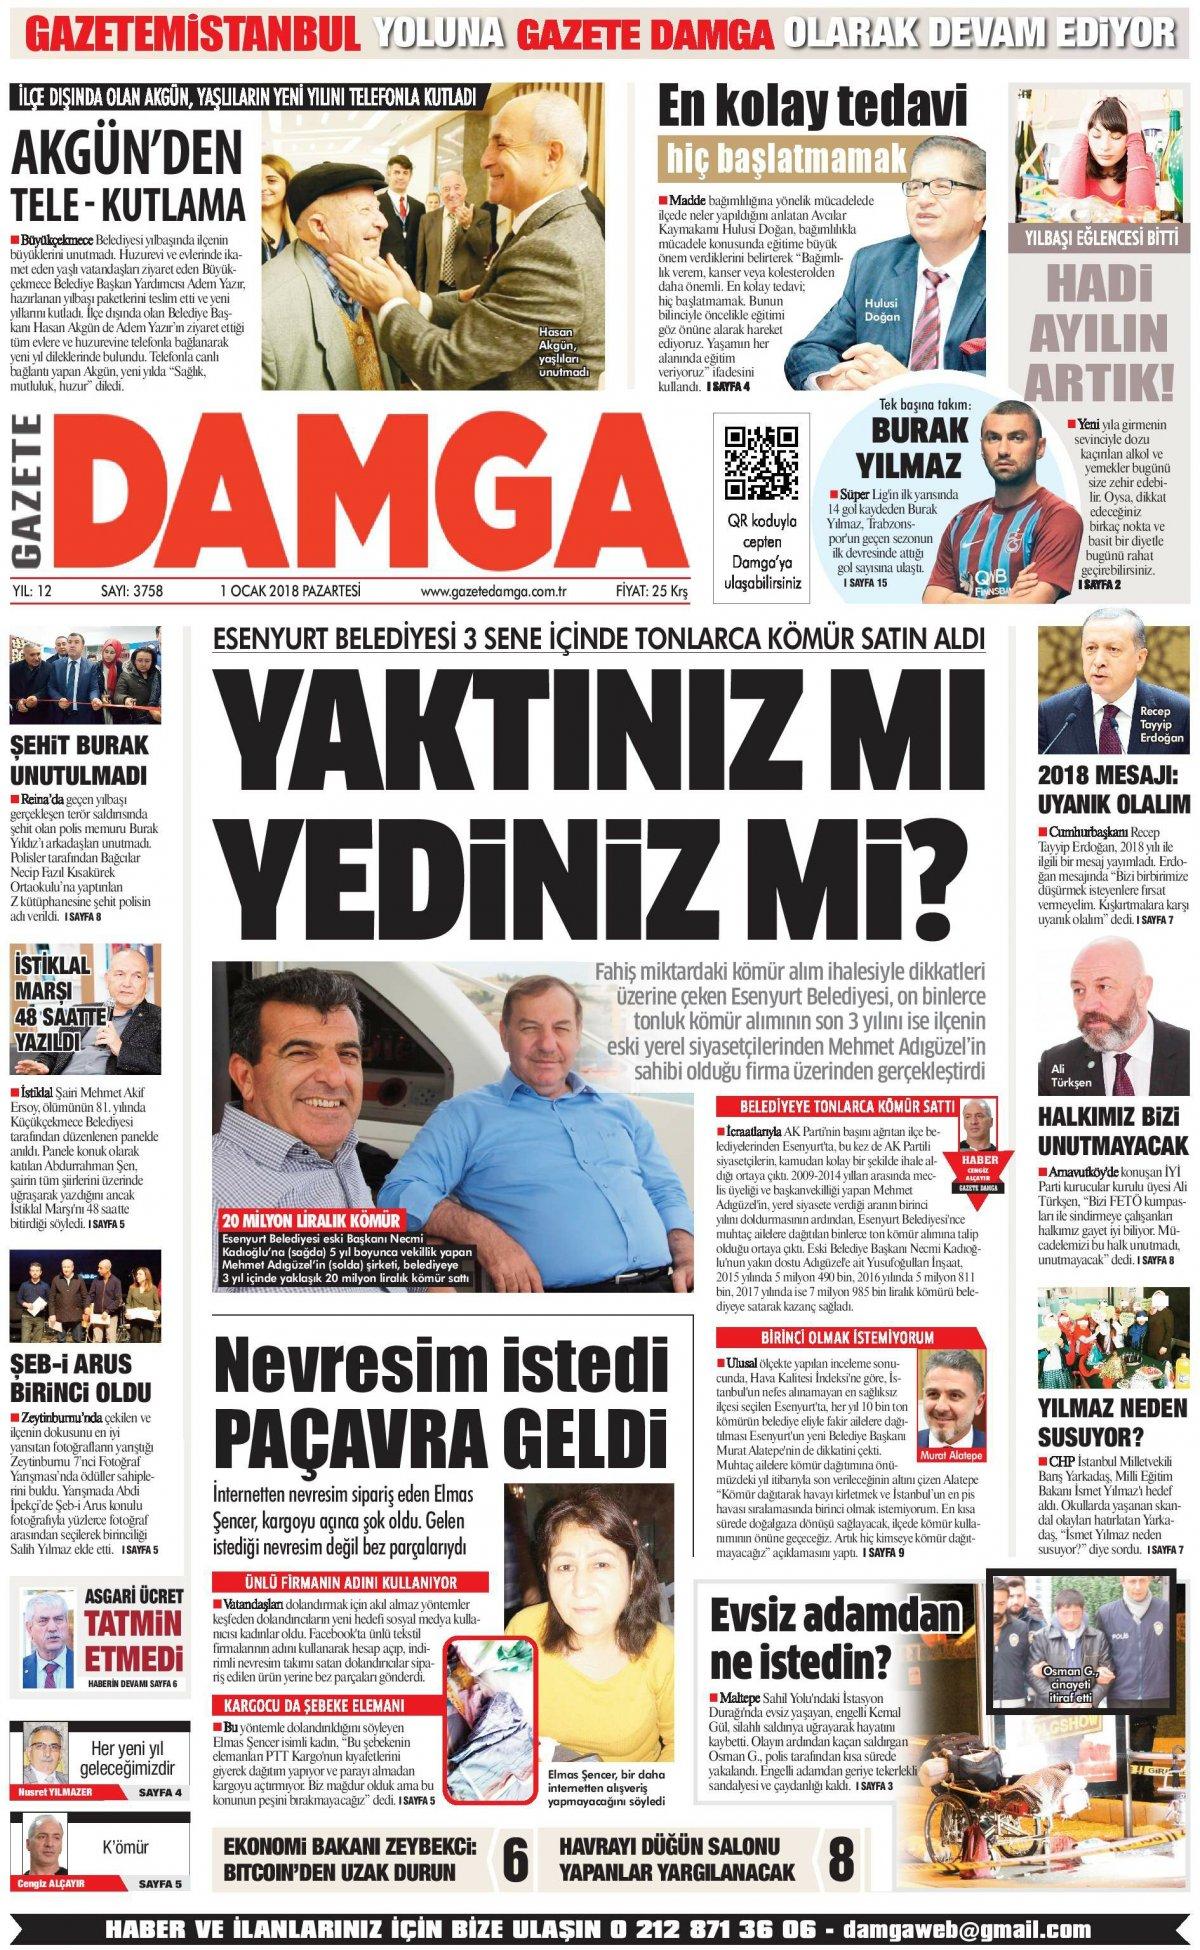 Gazete Damga - 01.01.2018 Manşeti